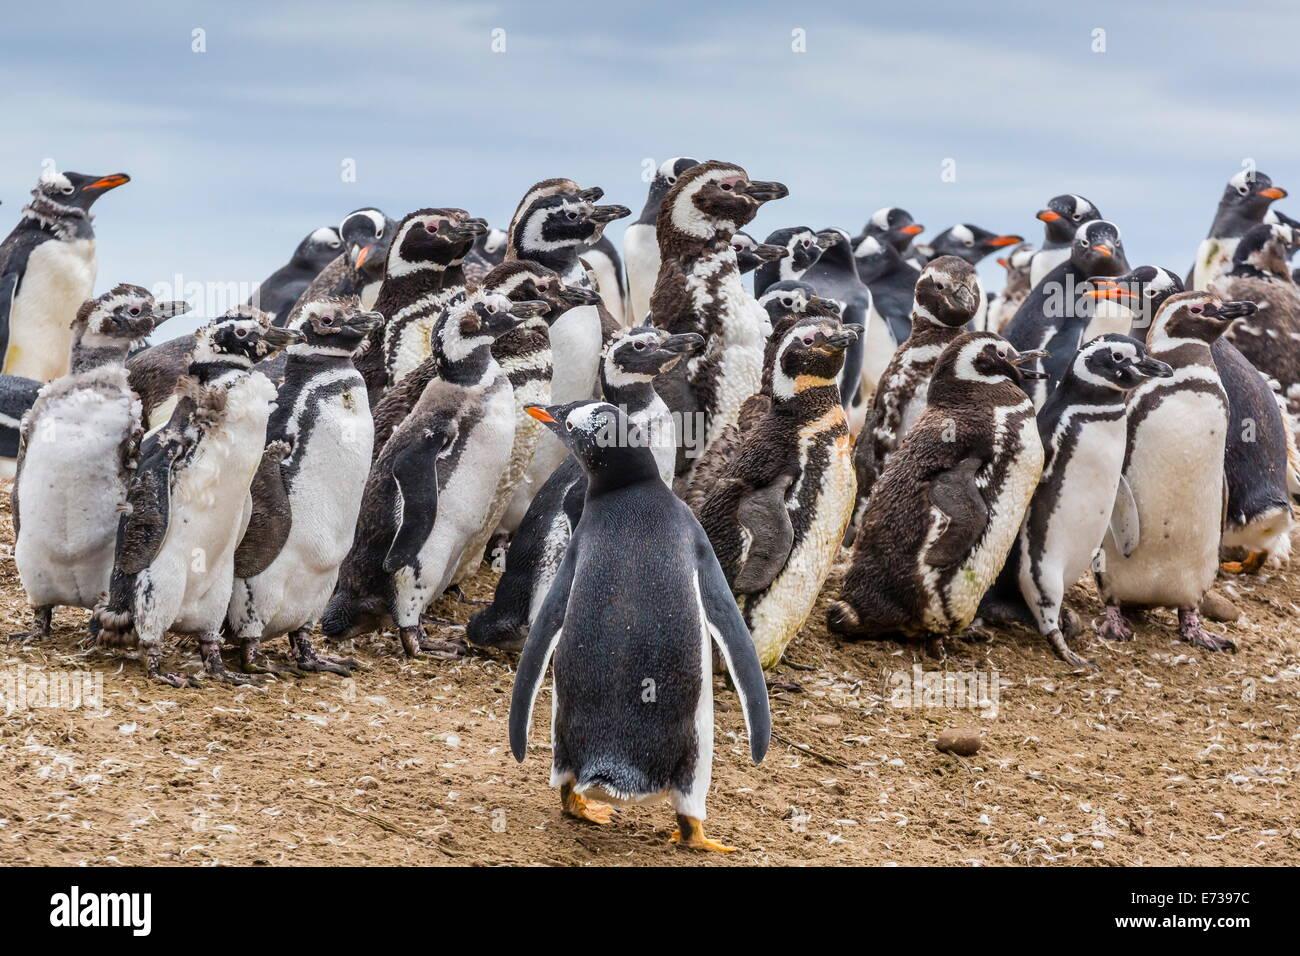 Magellanic penguins molting feathers near gentoo penguin (Pygoscelis papua), on Saunders Island, West Falkland Islands - Stock Image